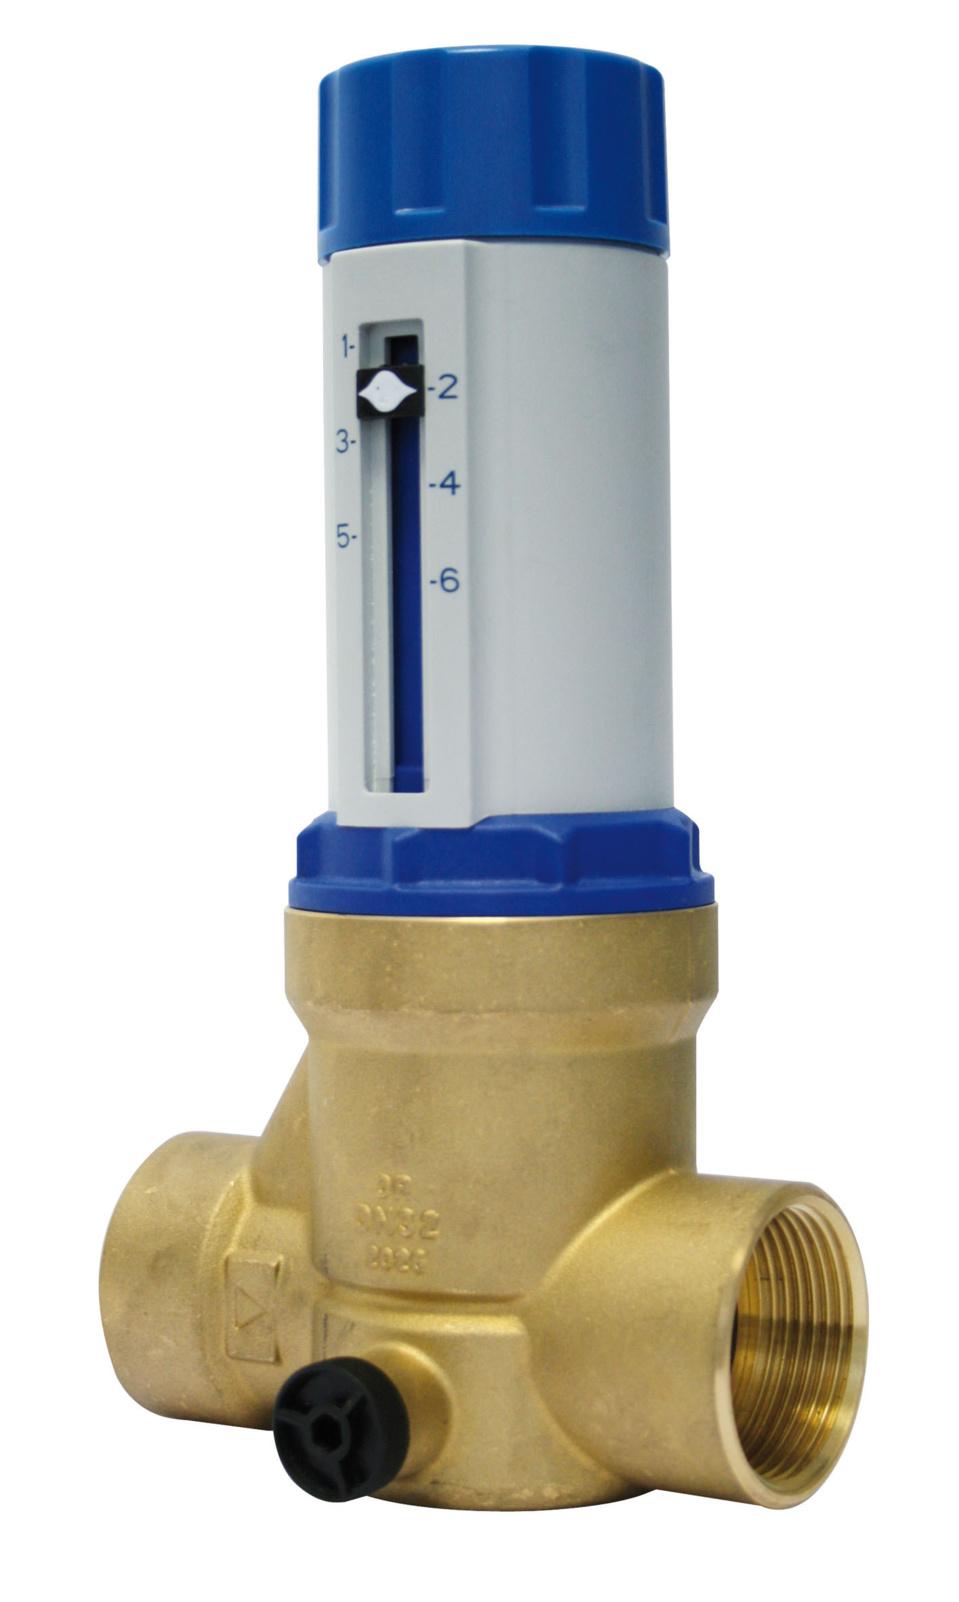 SOMATHERM - Pronorm : Une gamme complète de solutions d'adduction d'eau certifiée NF